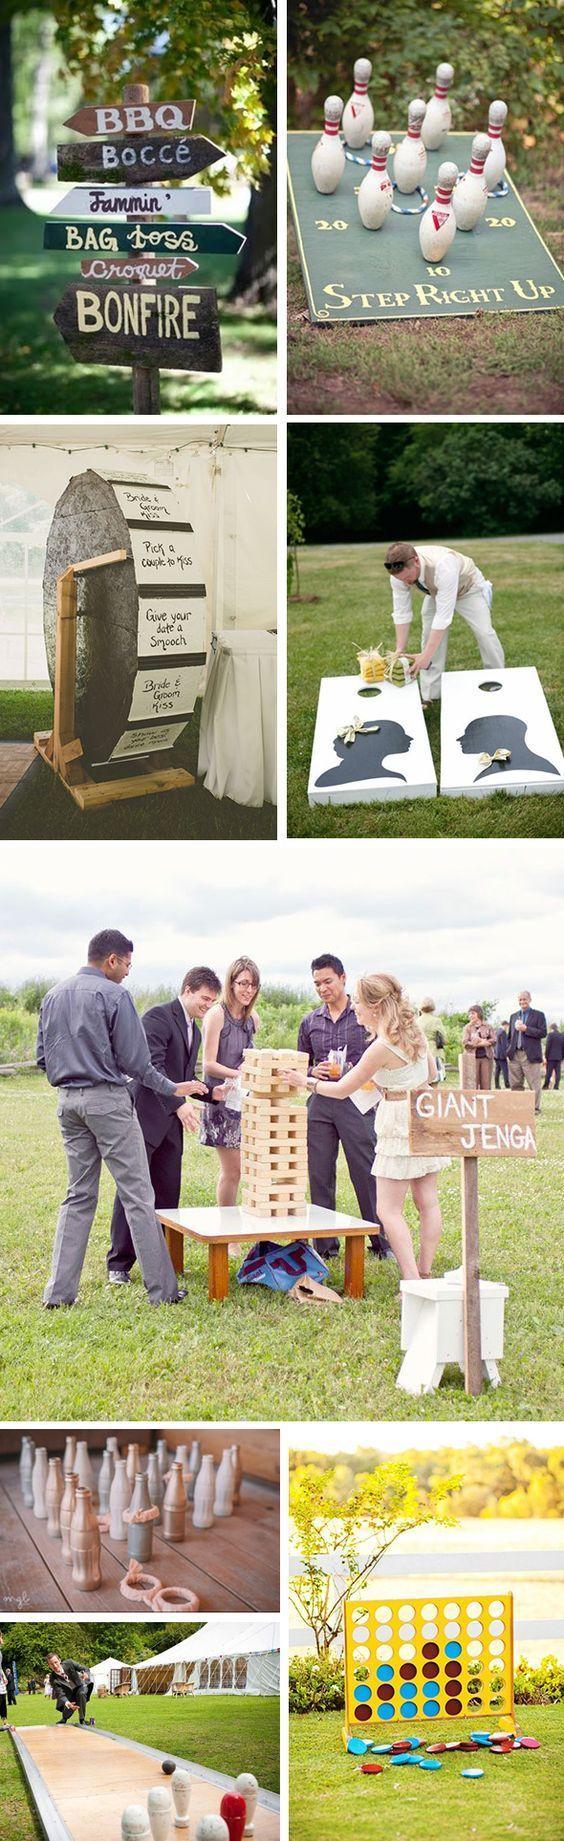 Wedding Reception Game Ideas / http://www.himisspuff.com/wedding-reception-game-ideas/